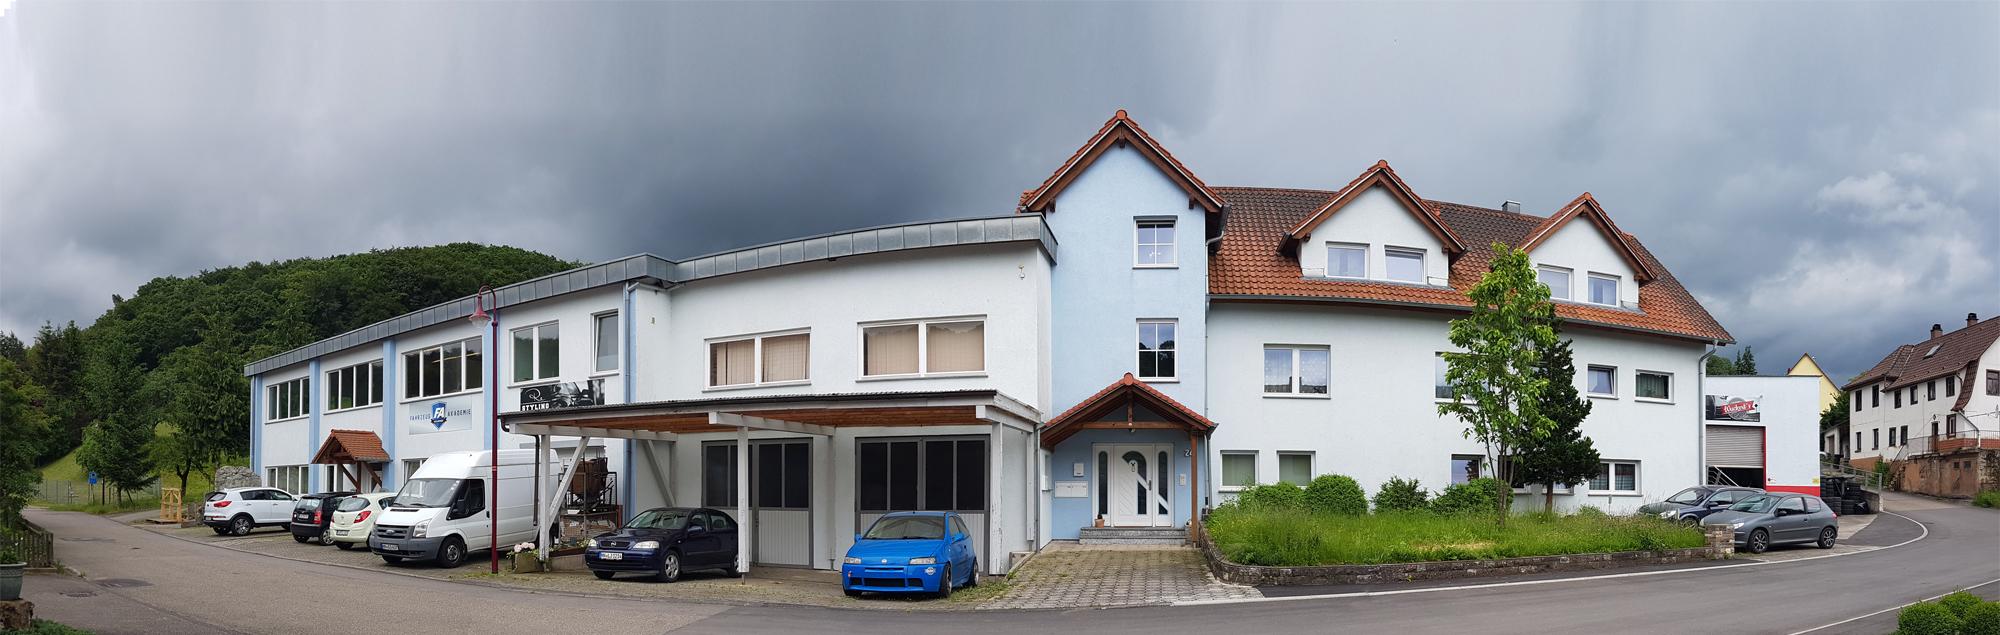 Monteurzimmer Heilbronn